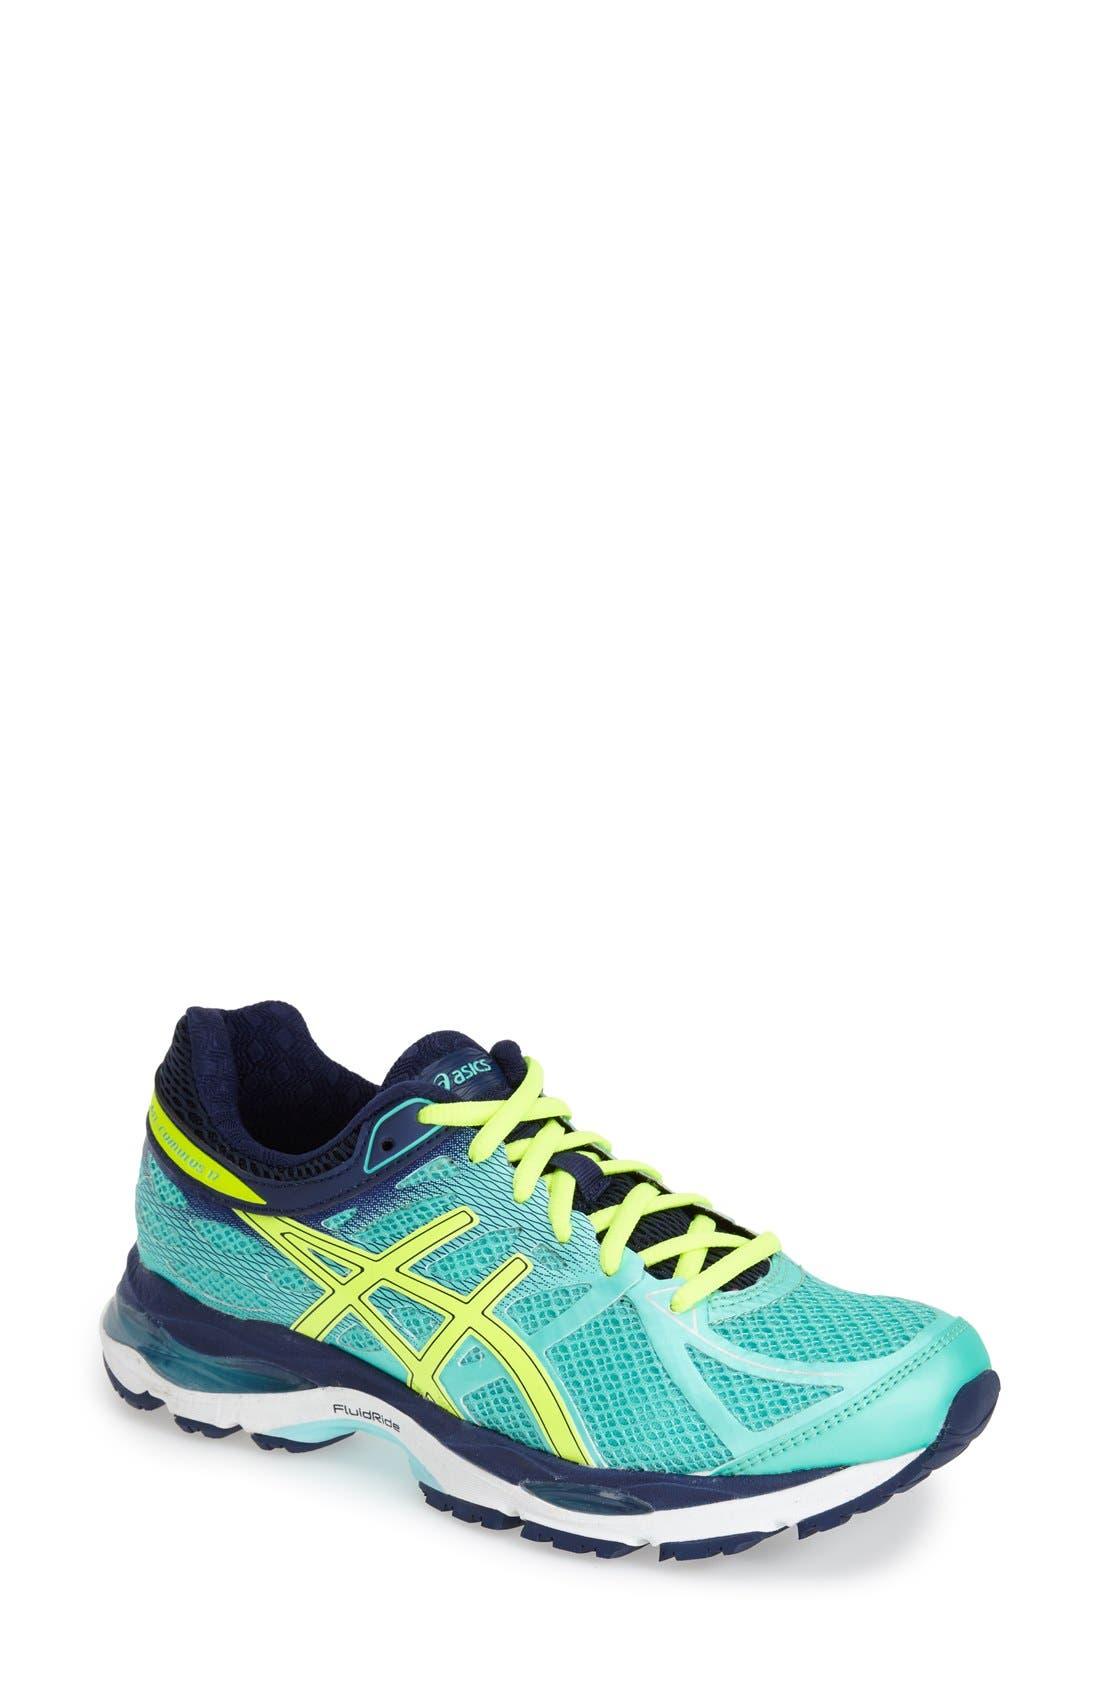 Alternate Image 1 Selected - ASICS® 'GEL-Cumulus® 17' Running Shoe (Women)